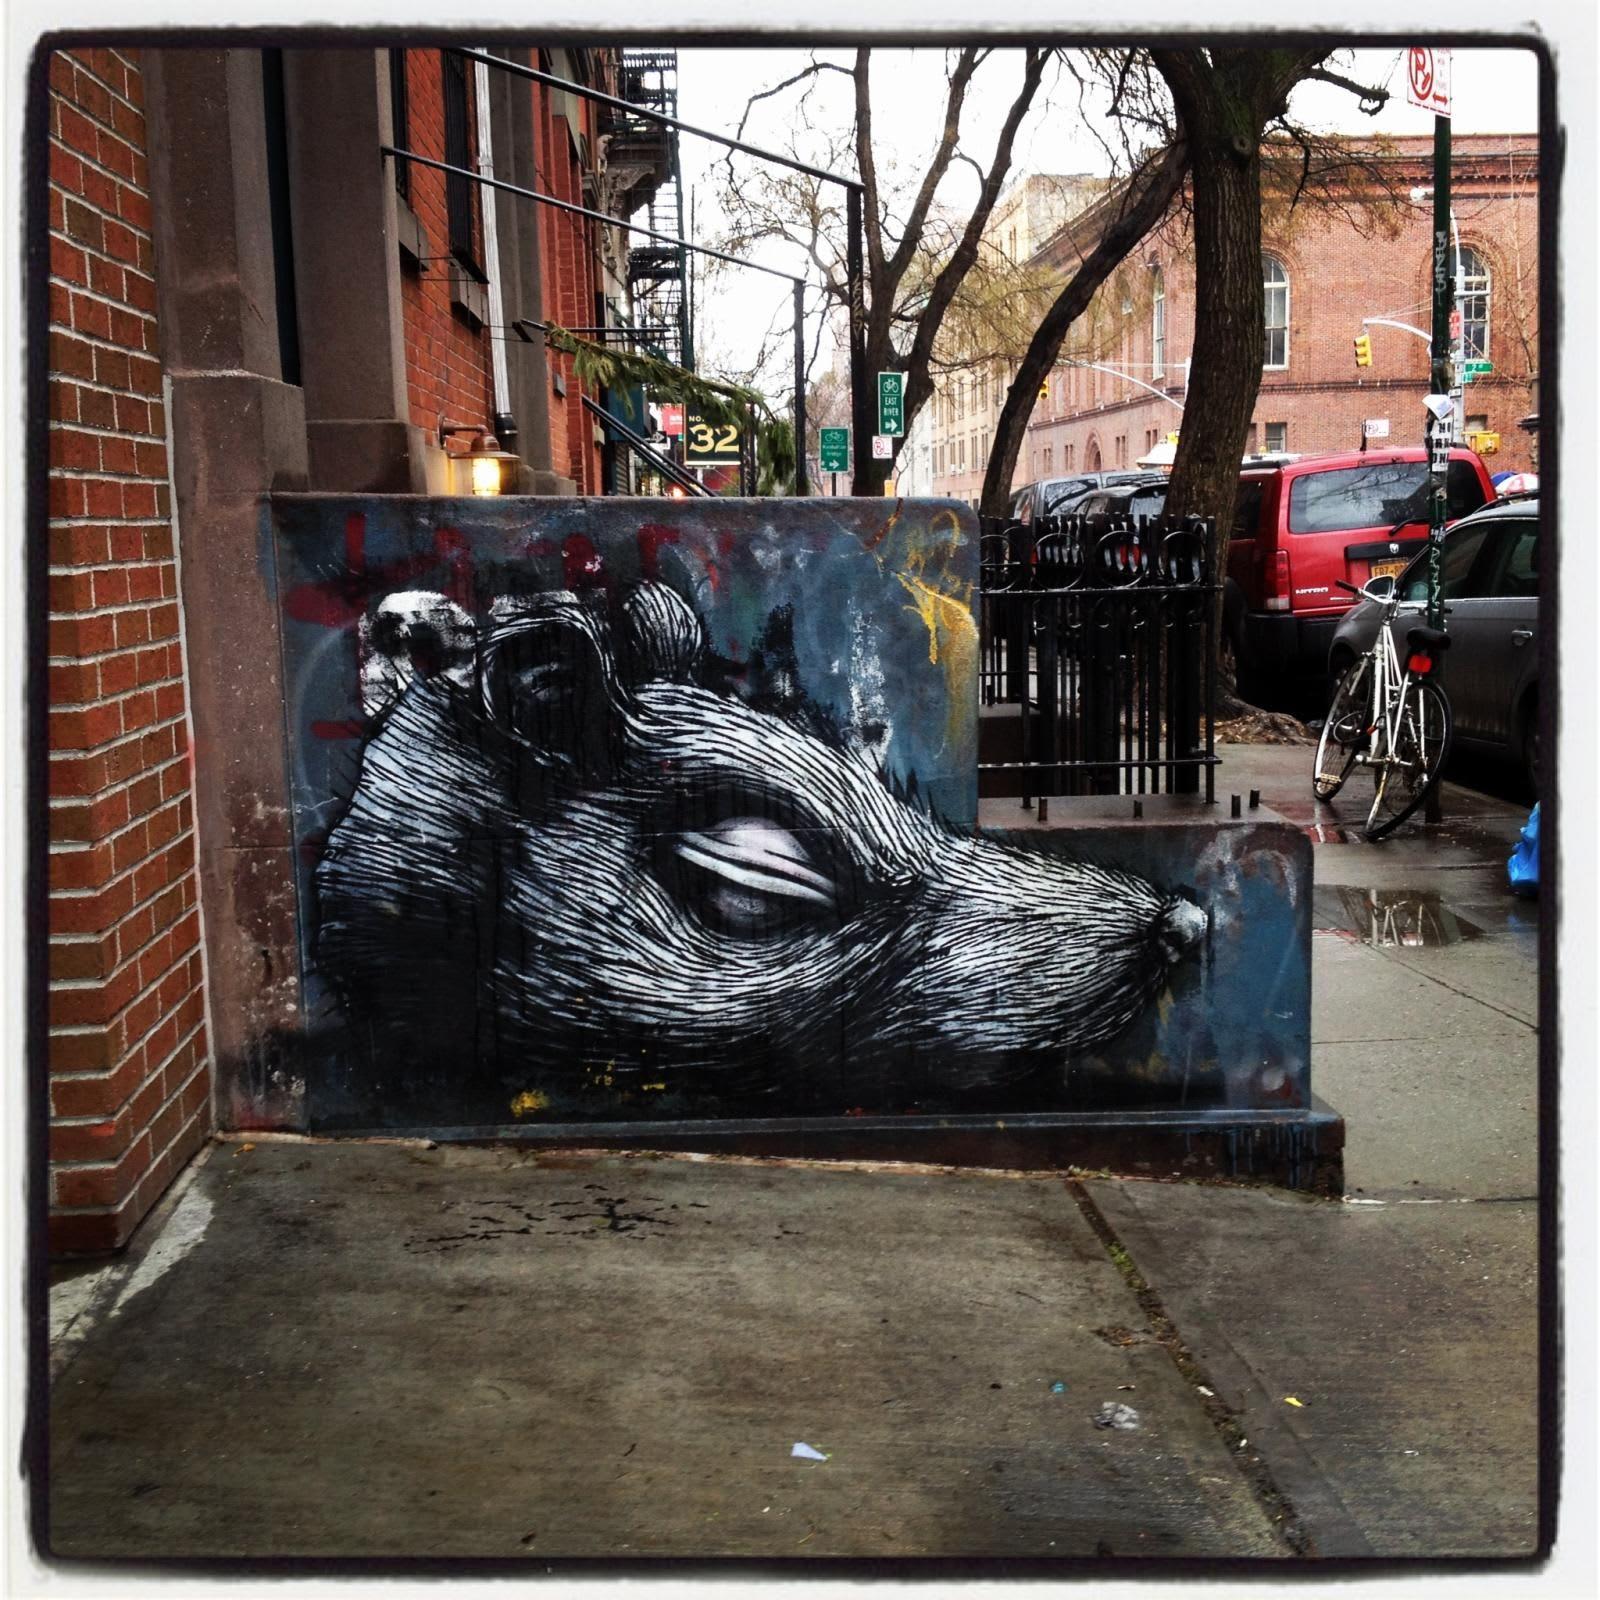 Œuvre Par Roa à New York